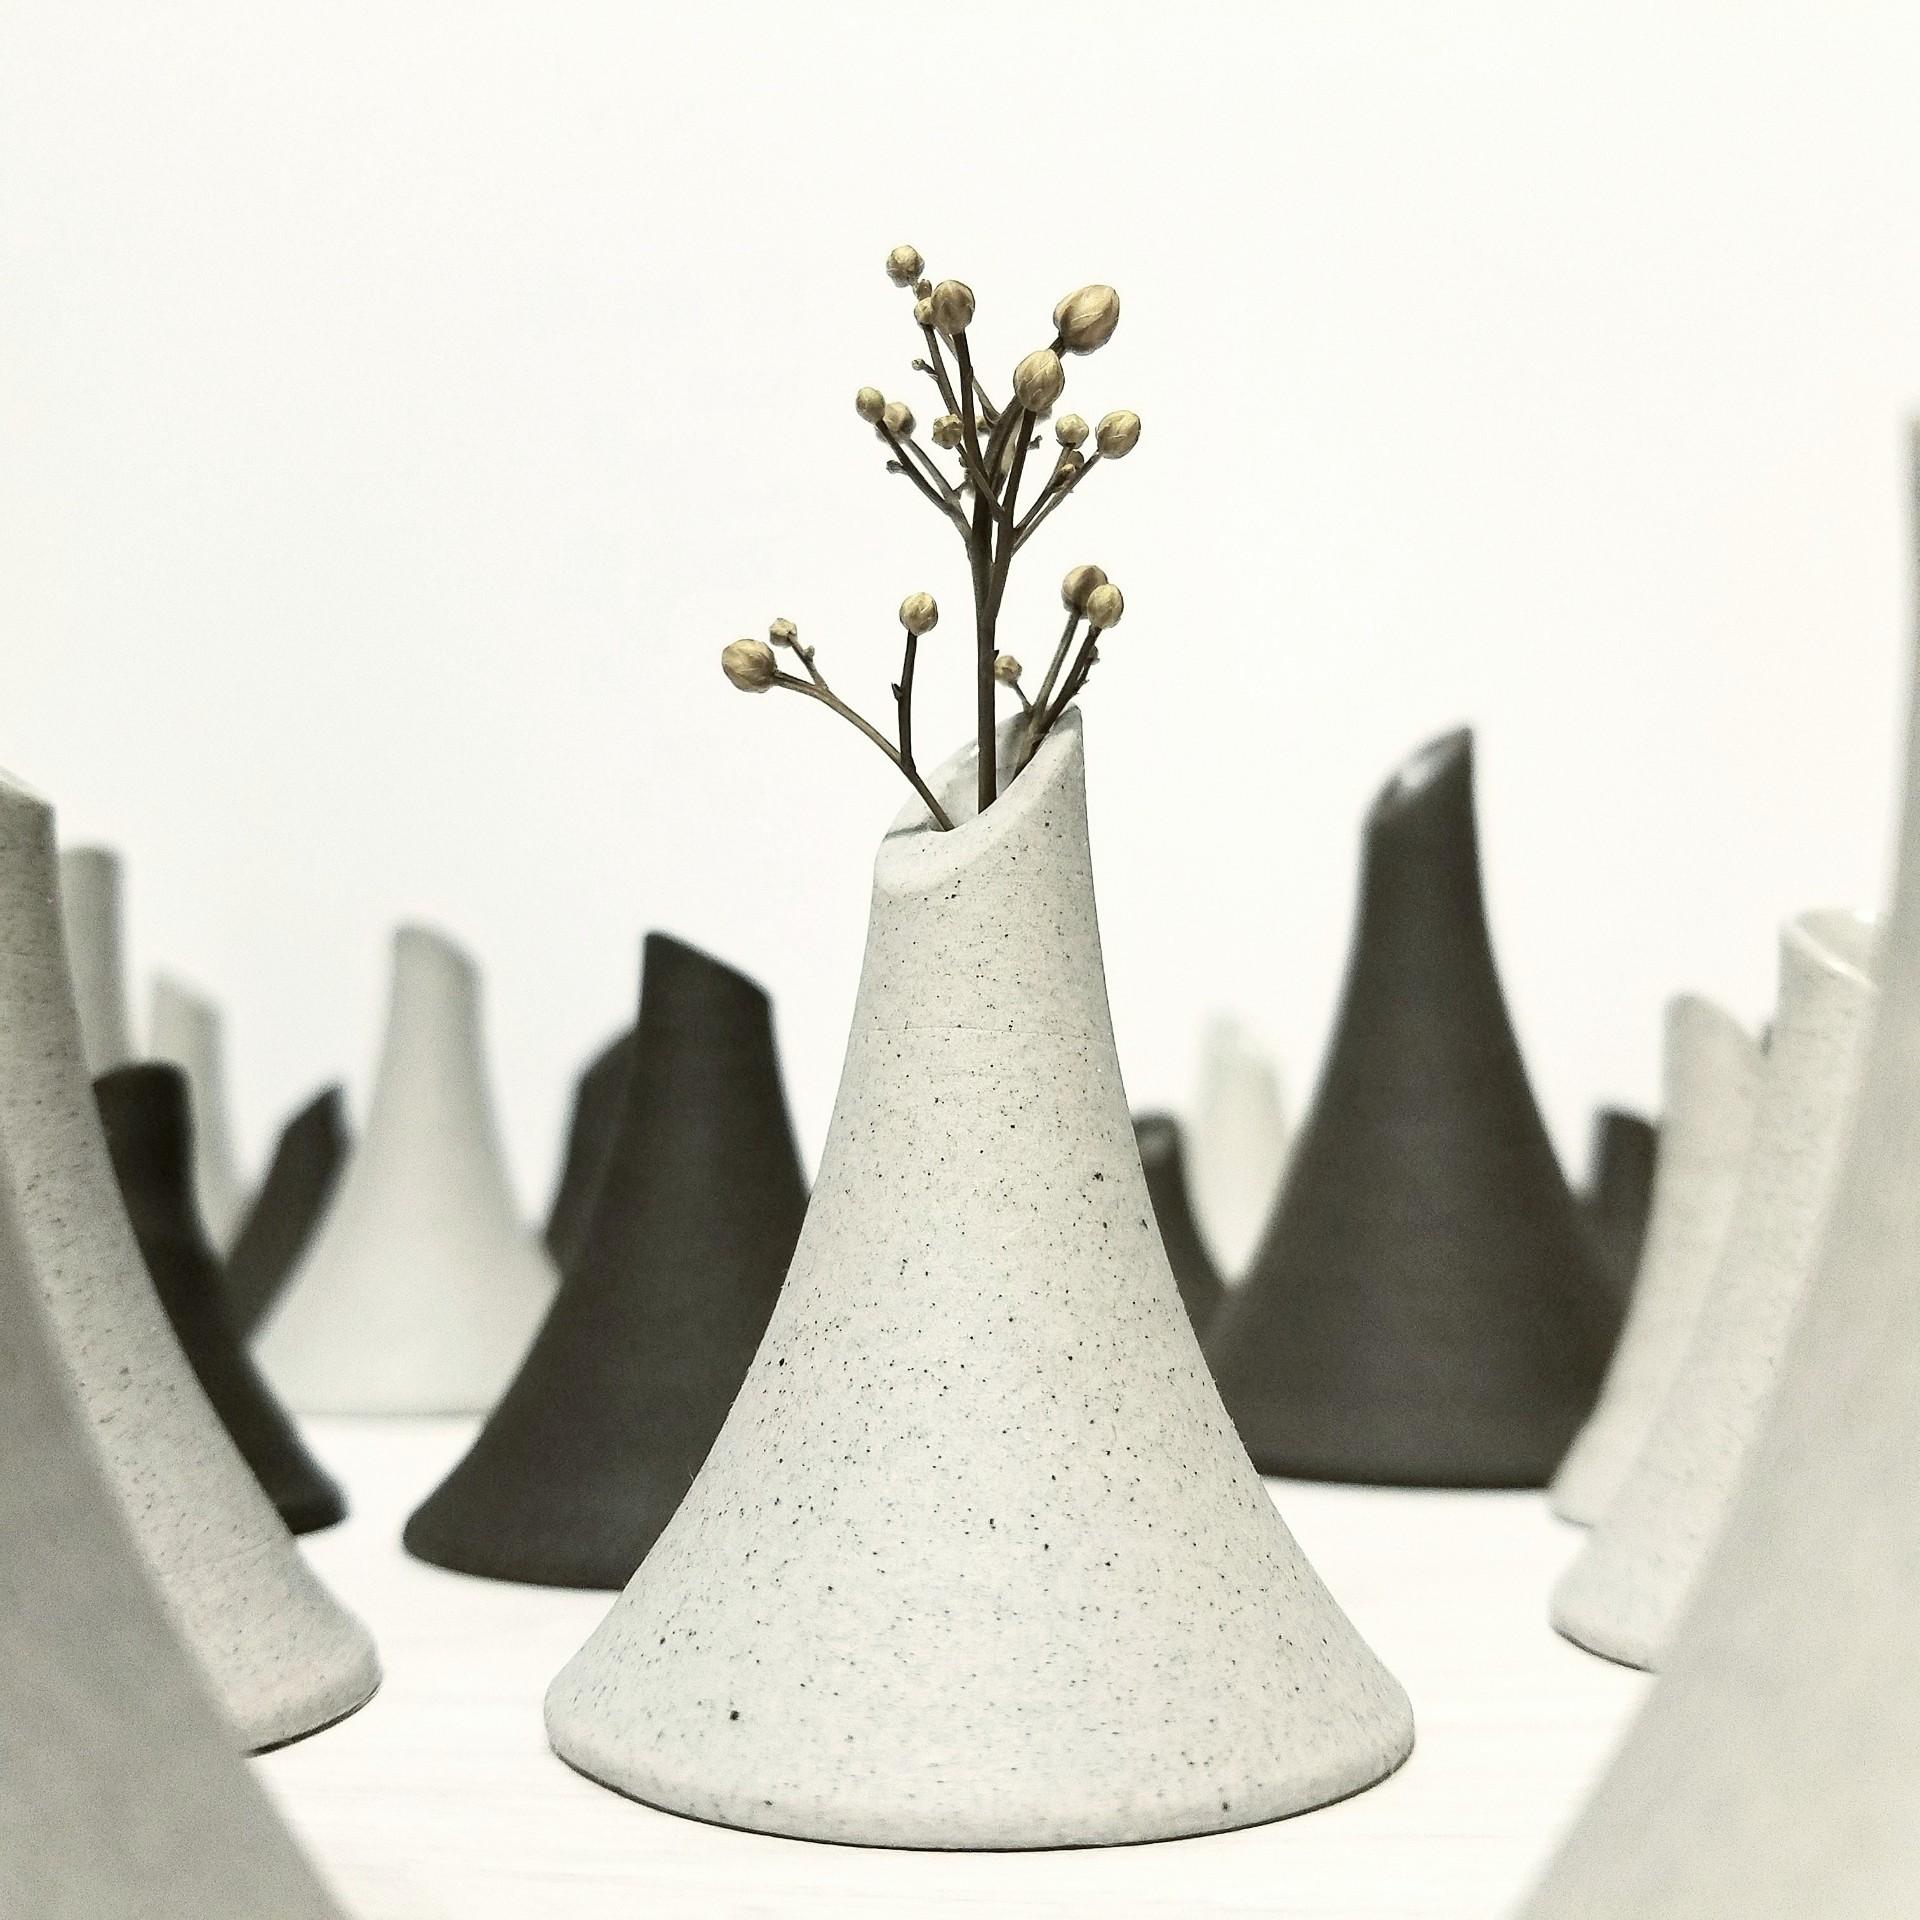 7 - Van Patten - Bud Vases-01.jpeg